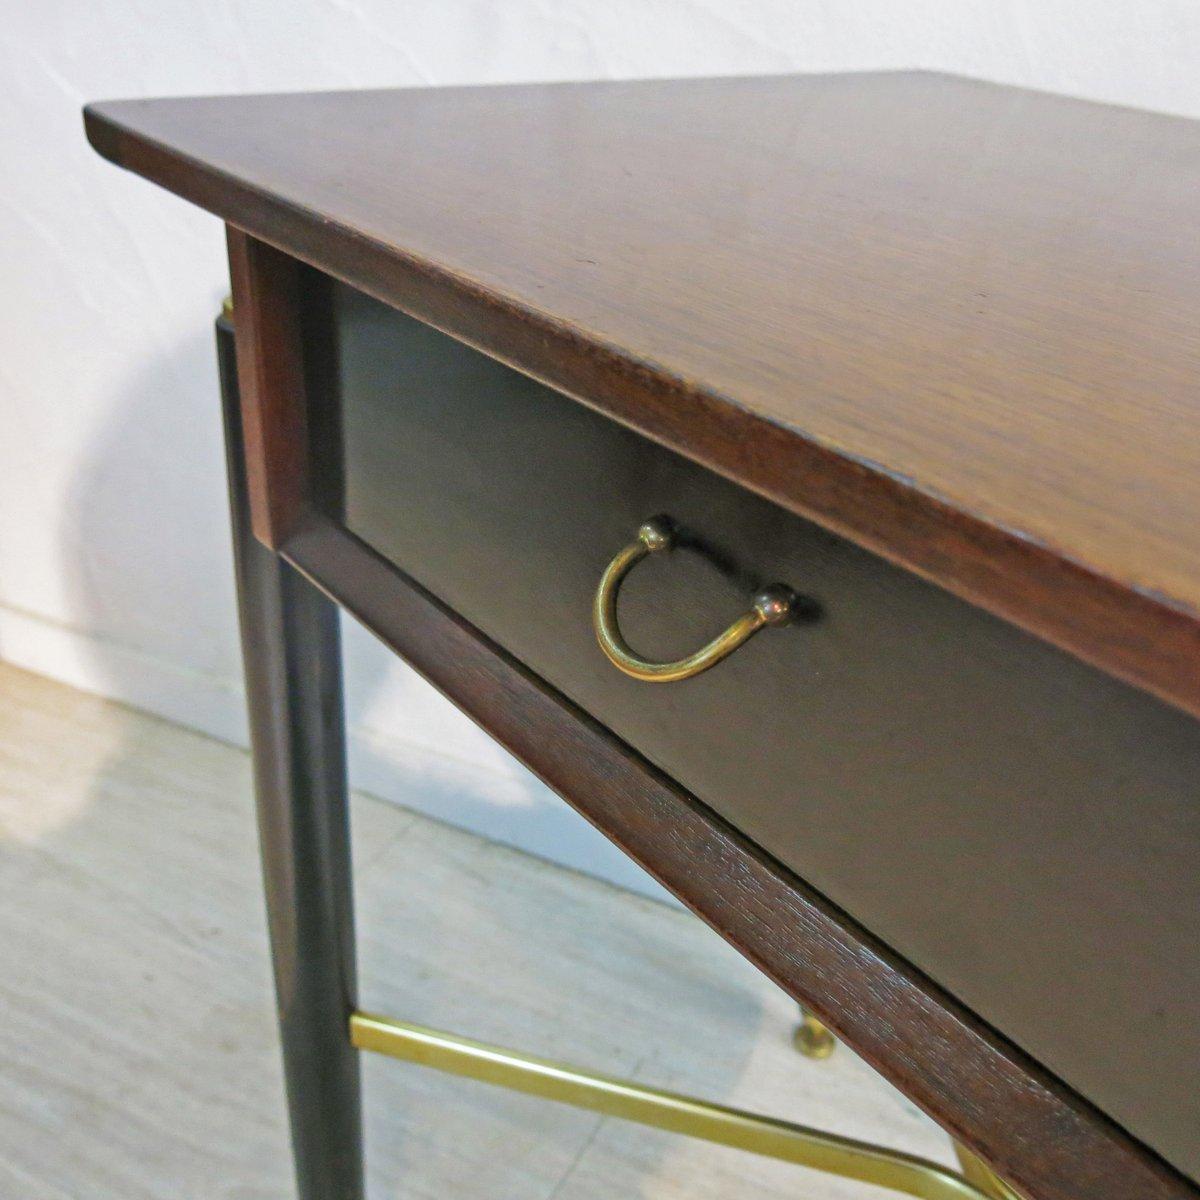 schreibtisch aus holz messing von g plan e gomme. Black Bedroom Furniture Sets. Home Design Ideas